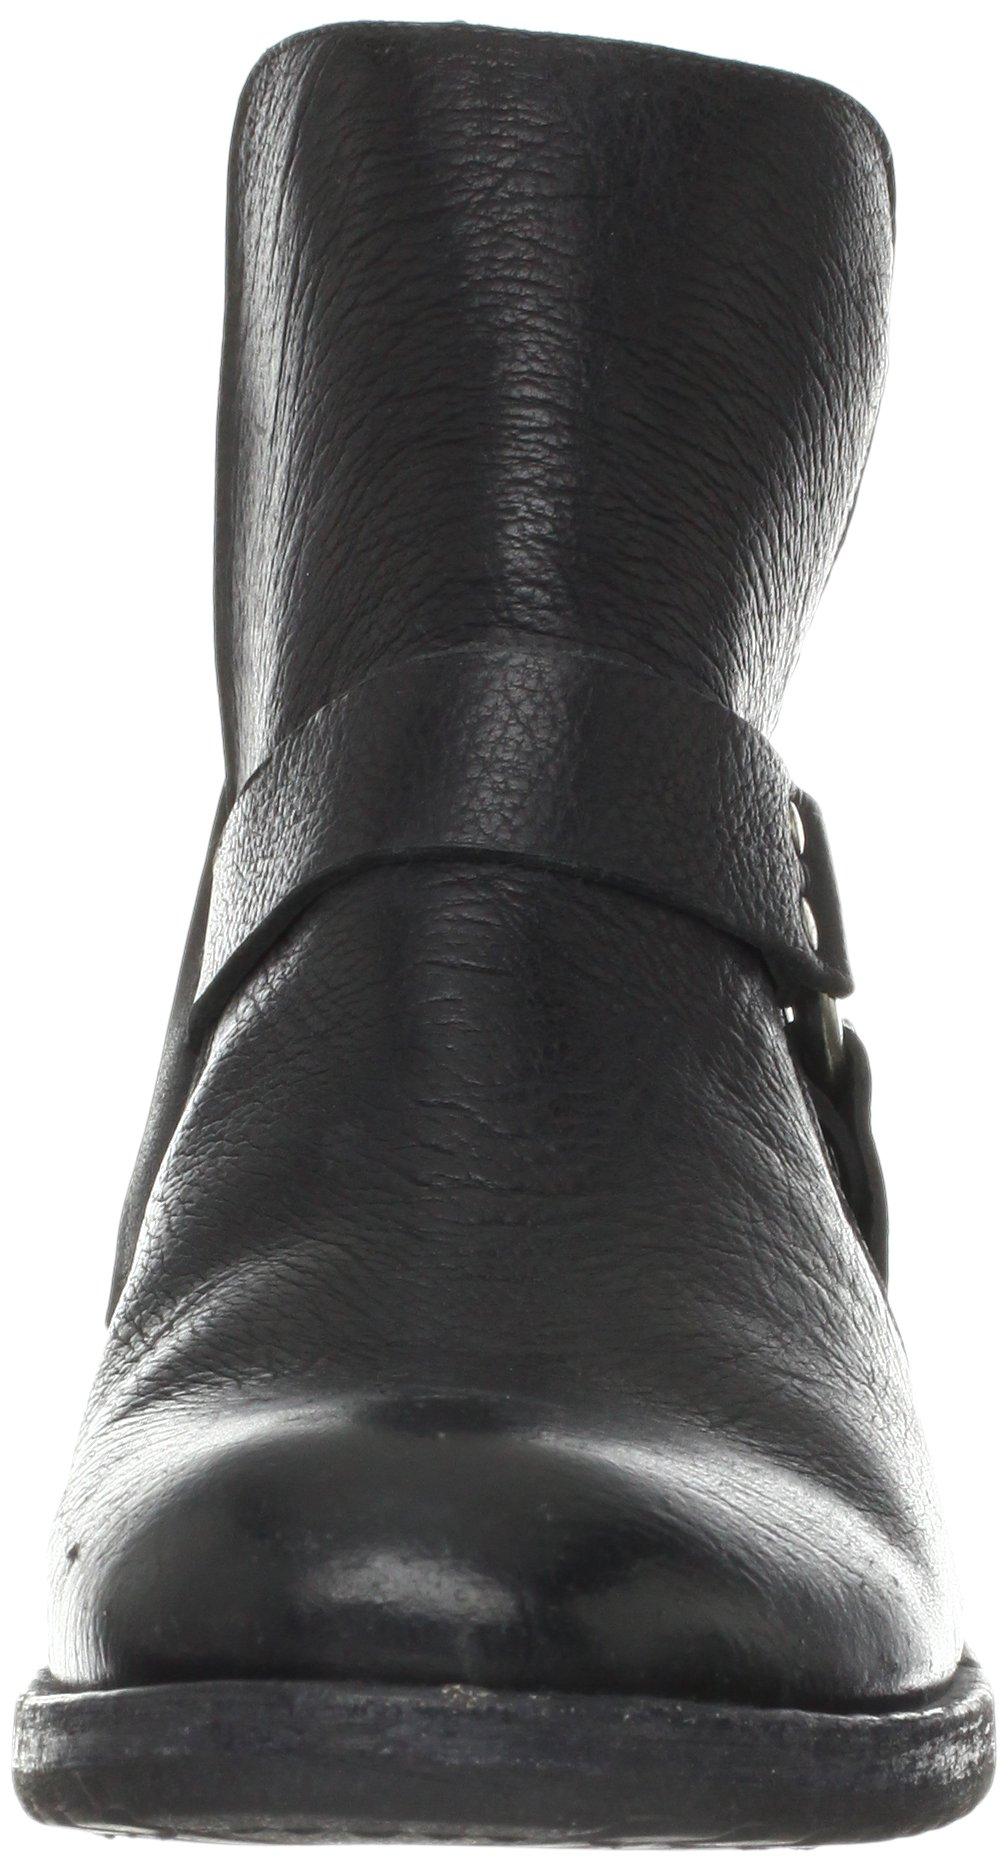 FRYE Men's Dean Harness Boot Black 7.5 M US